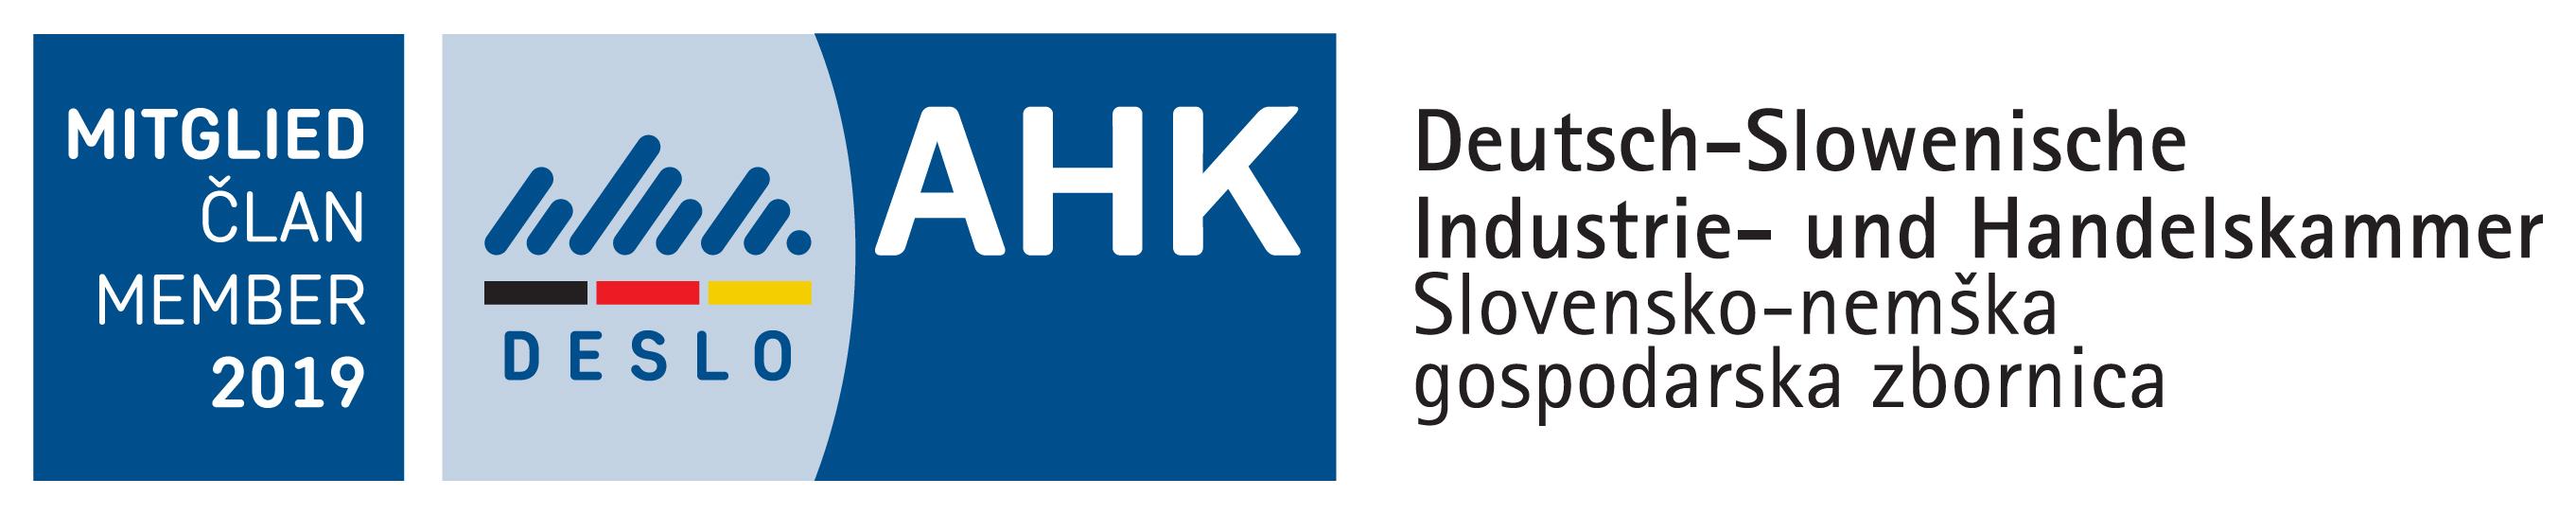 DE-SLO - Deutsch-Slowenische Industrie- und Handelskammer